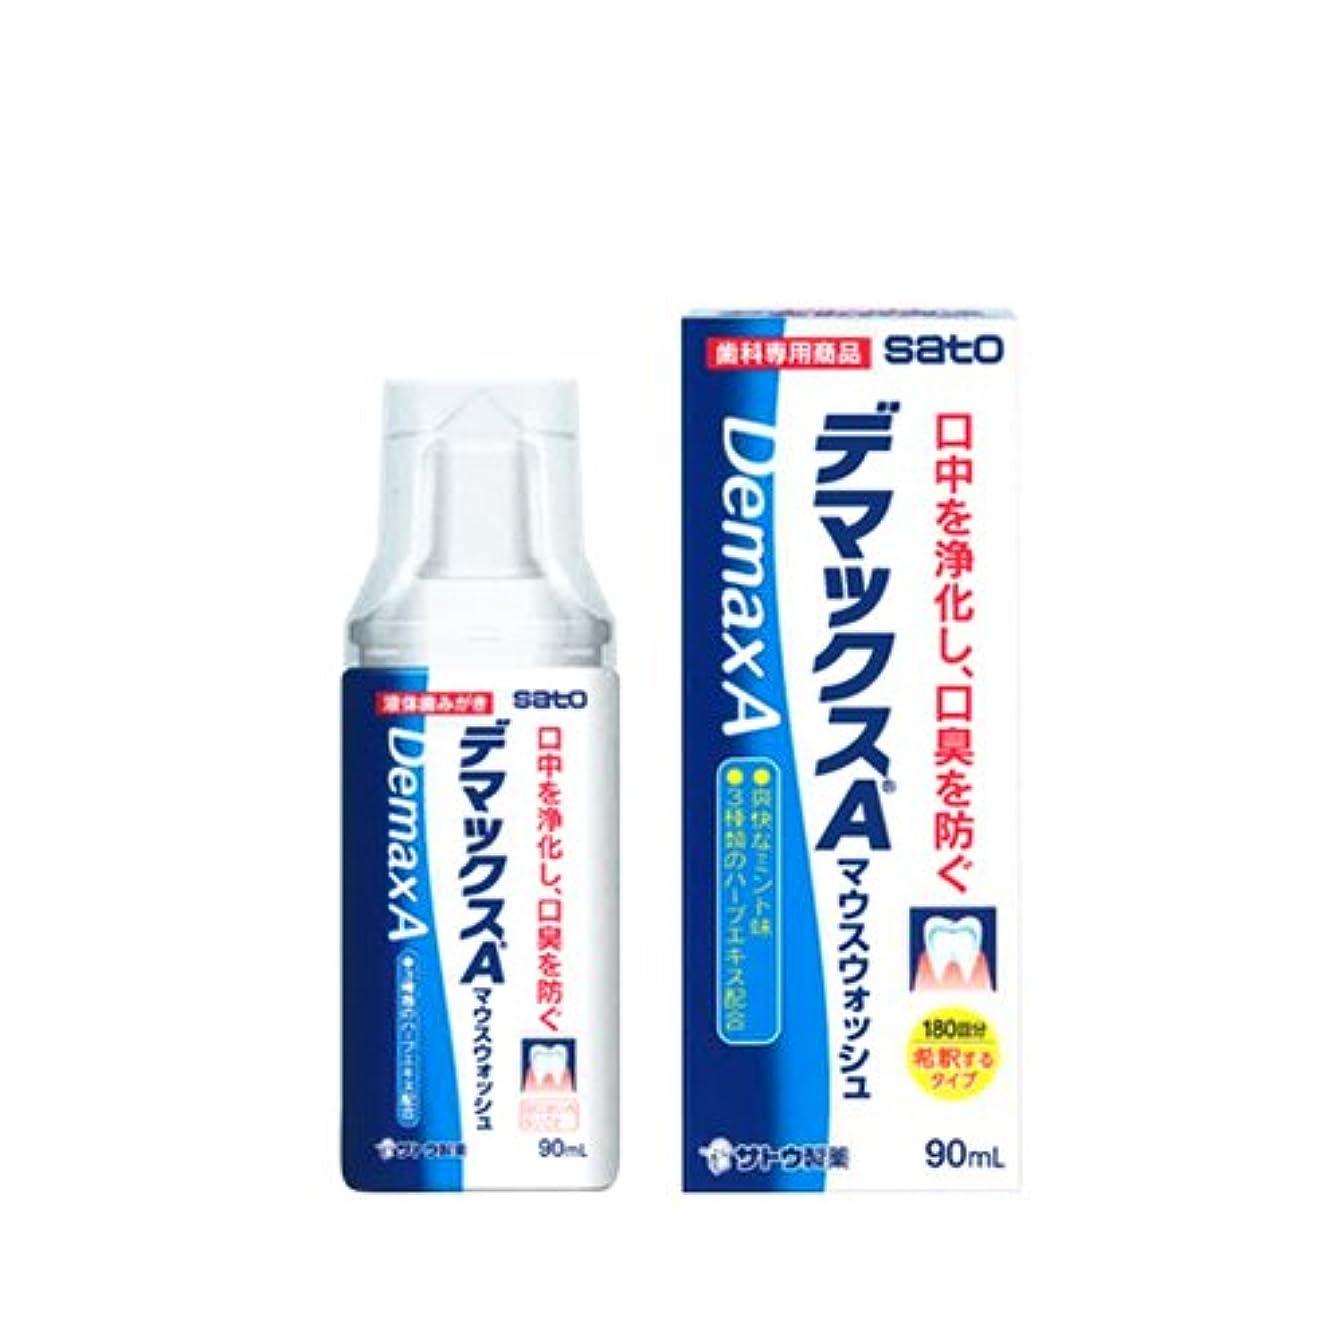 ゲーム上級密佐藤製薬 デマックスA マウスウォッシュ 90ml(180回分) × 1本